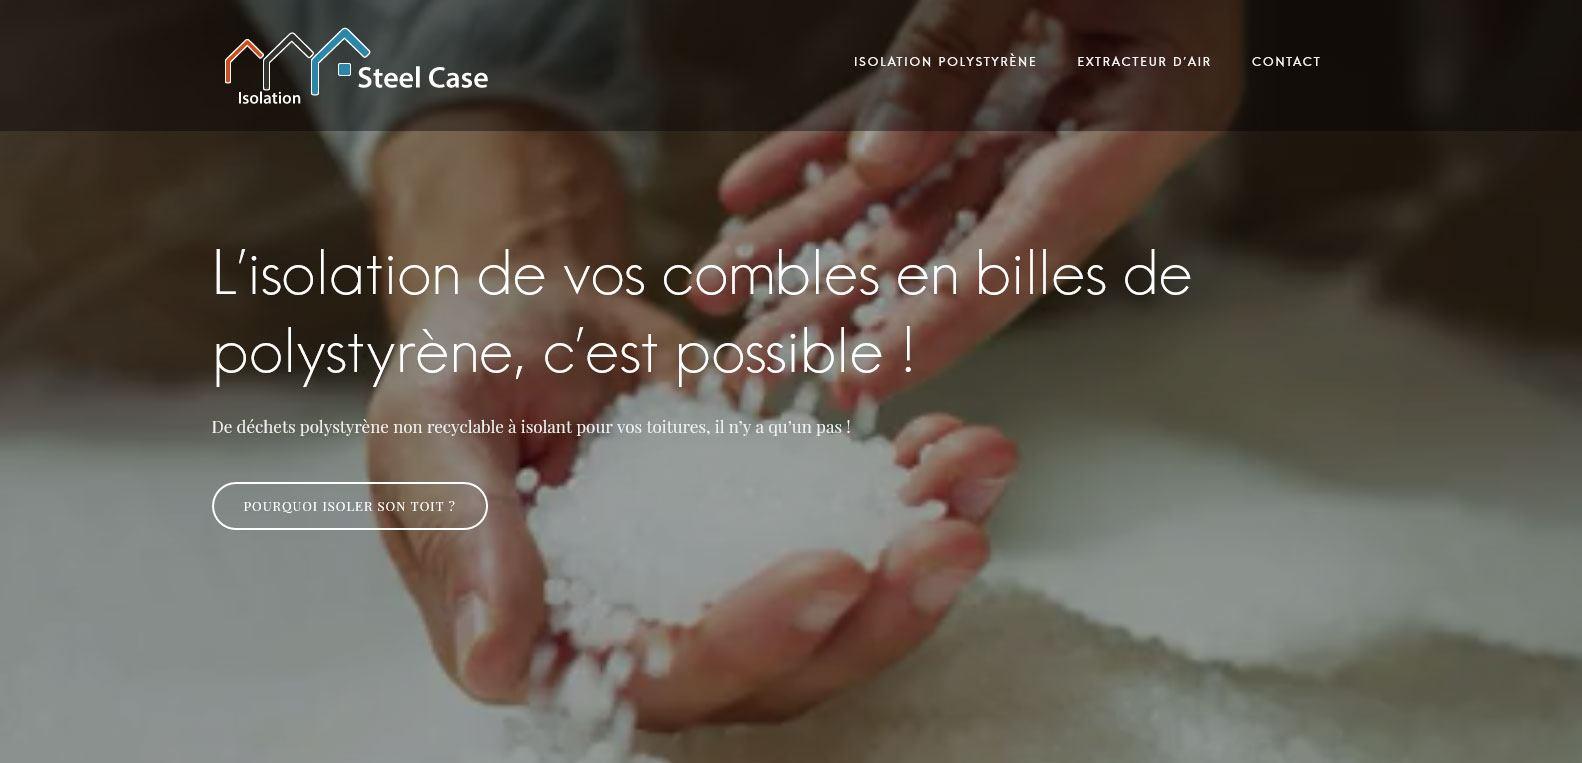 Site web d'isolation de vos combles en guyane, client Karedess, agence web situé à Mulhouse